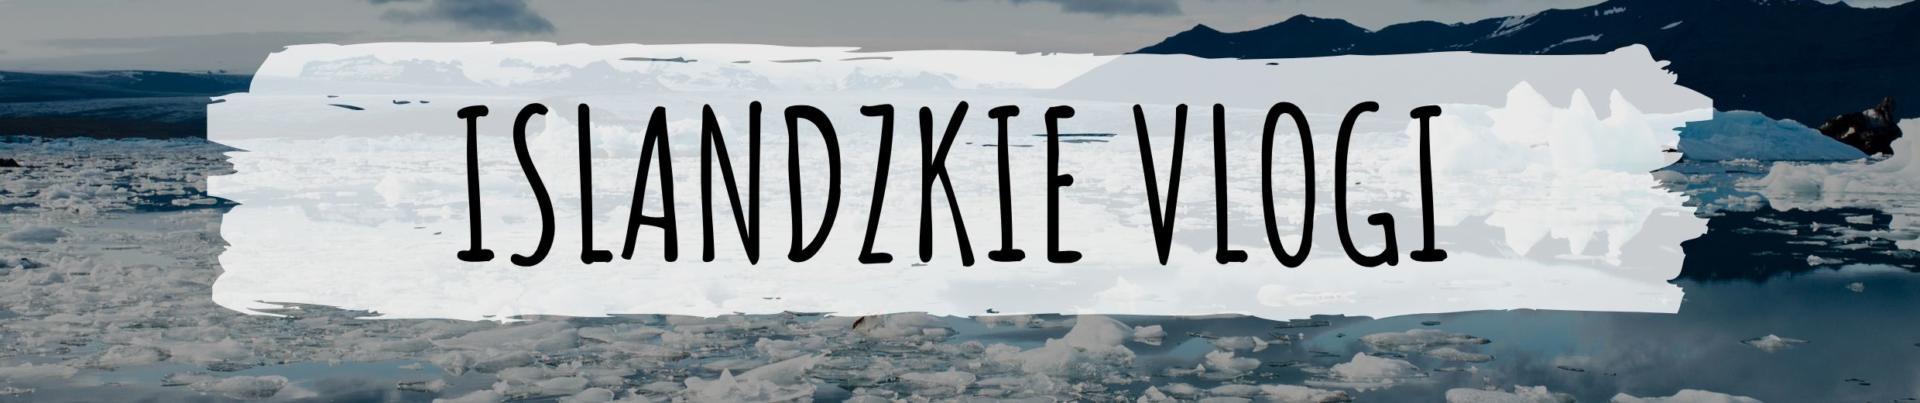 Islandzkie Vlogi